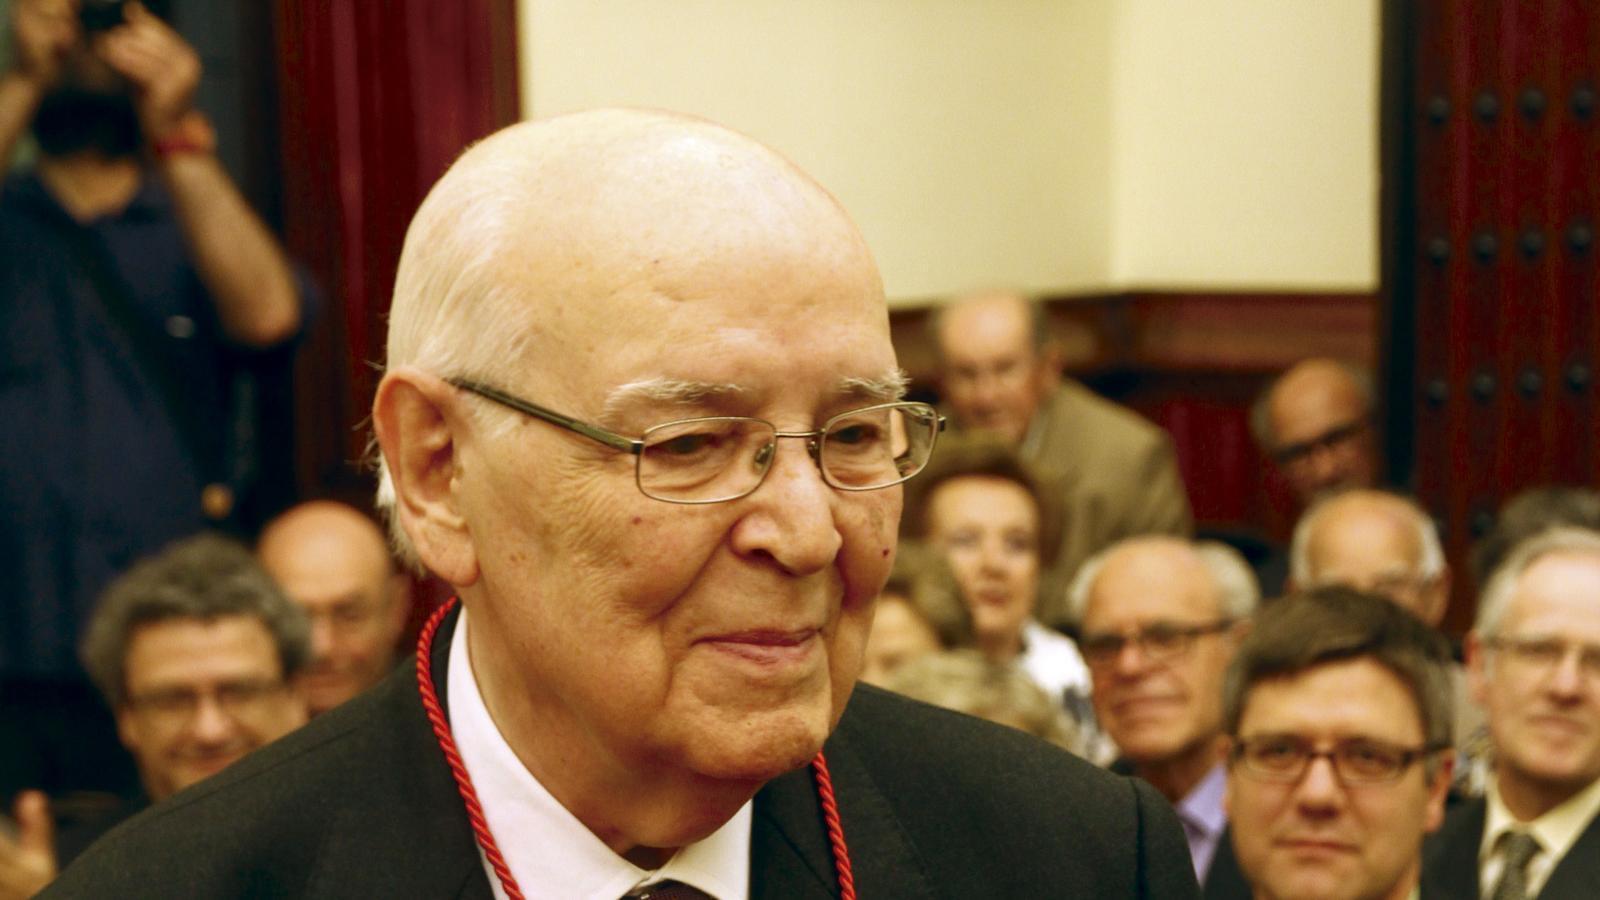 Josep Maria Domènech i Fargas el 2012 quan va rebre la Medalla d'Honor de l'Ajuntament de Terrassa